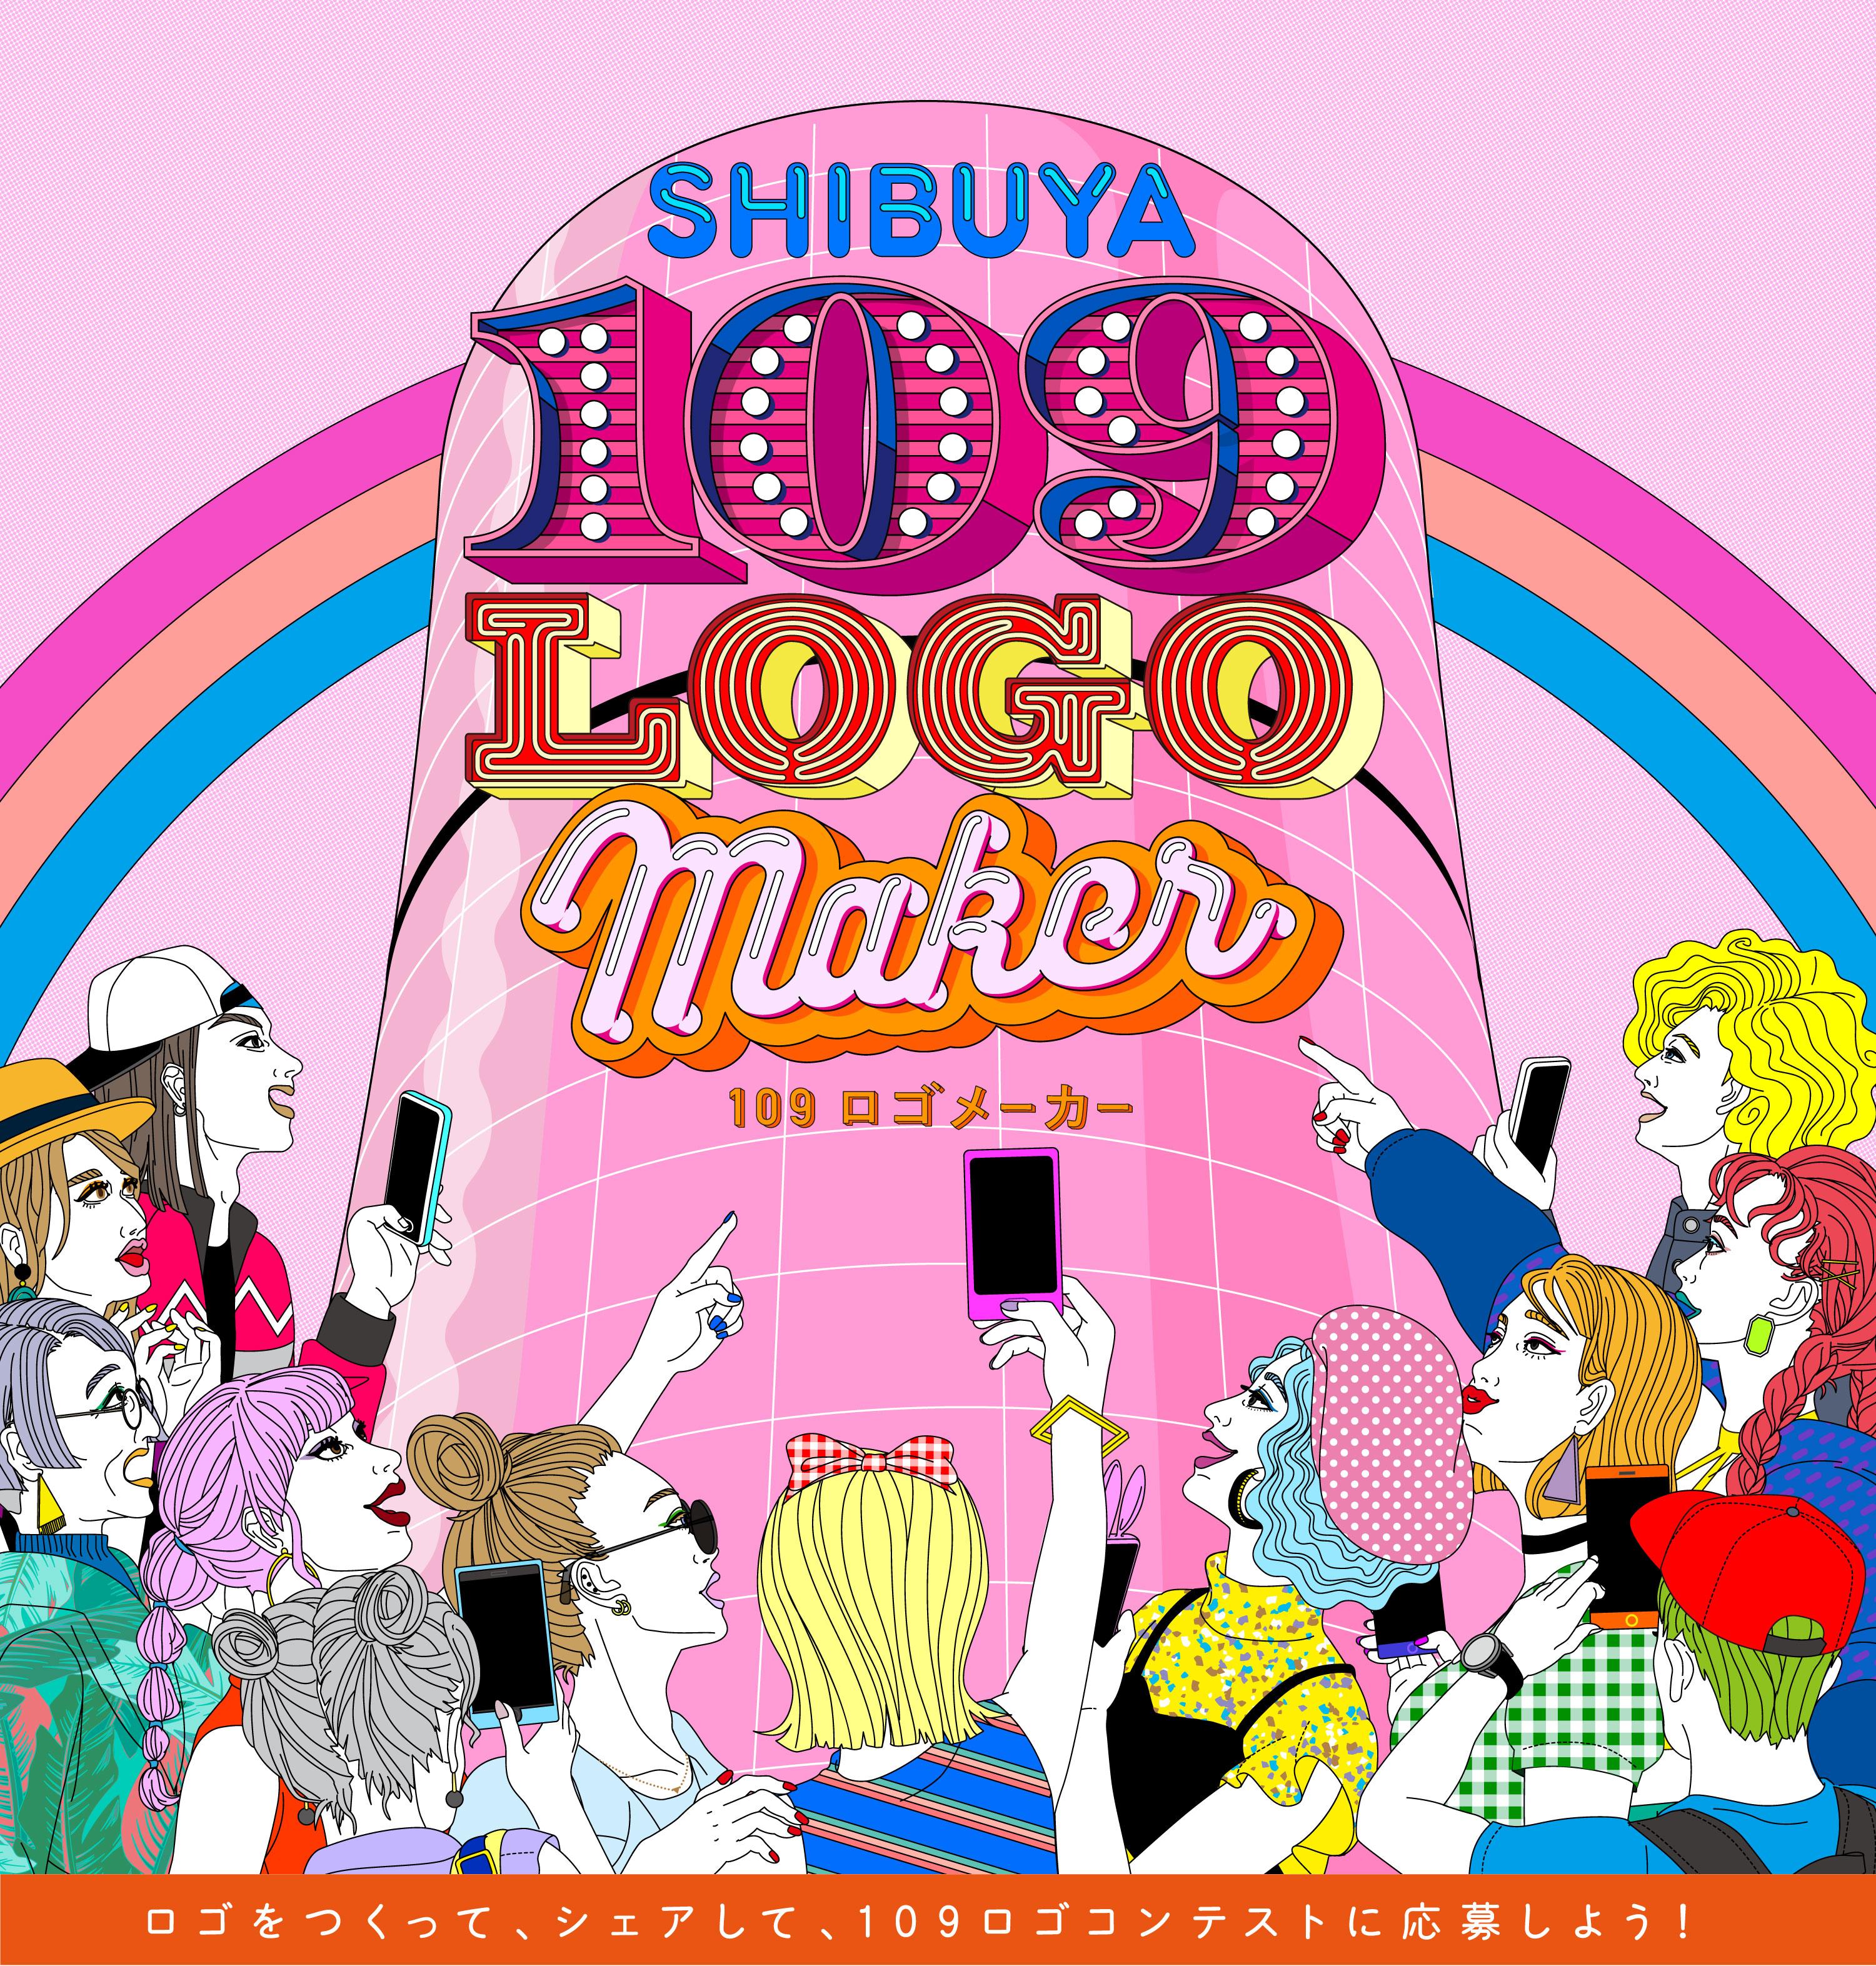 """あなたのデザインが""""SHIBUYA 109″のシンボルに😳⁈『新ロゴデザイン』のコンテスト開催中🙌"""